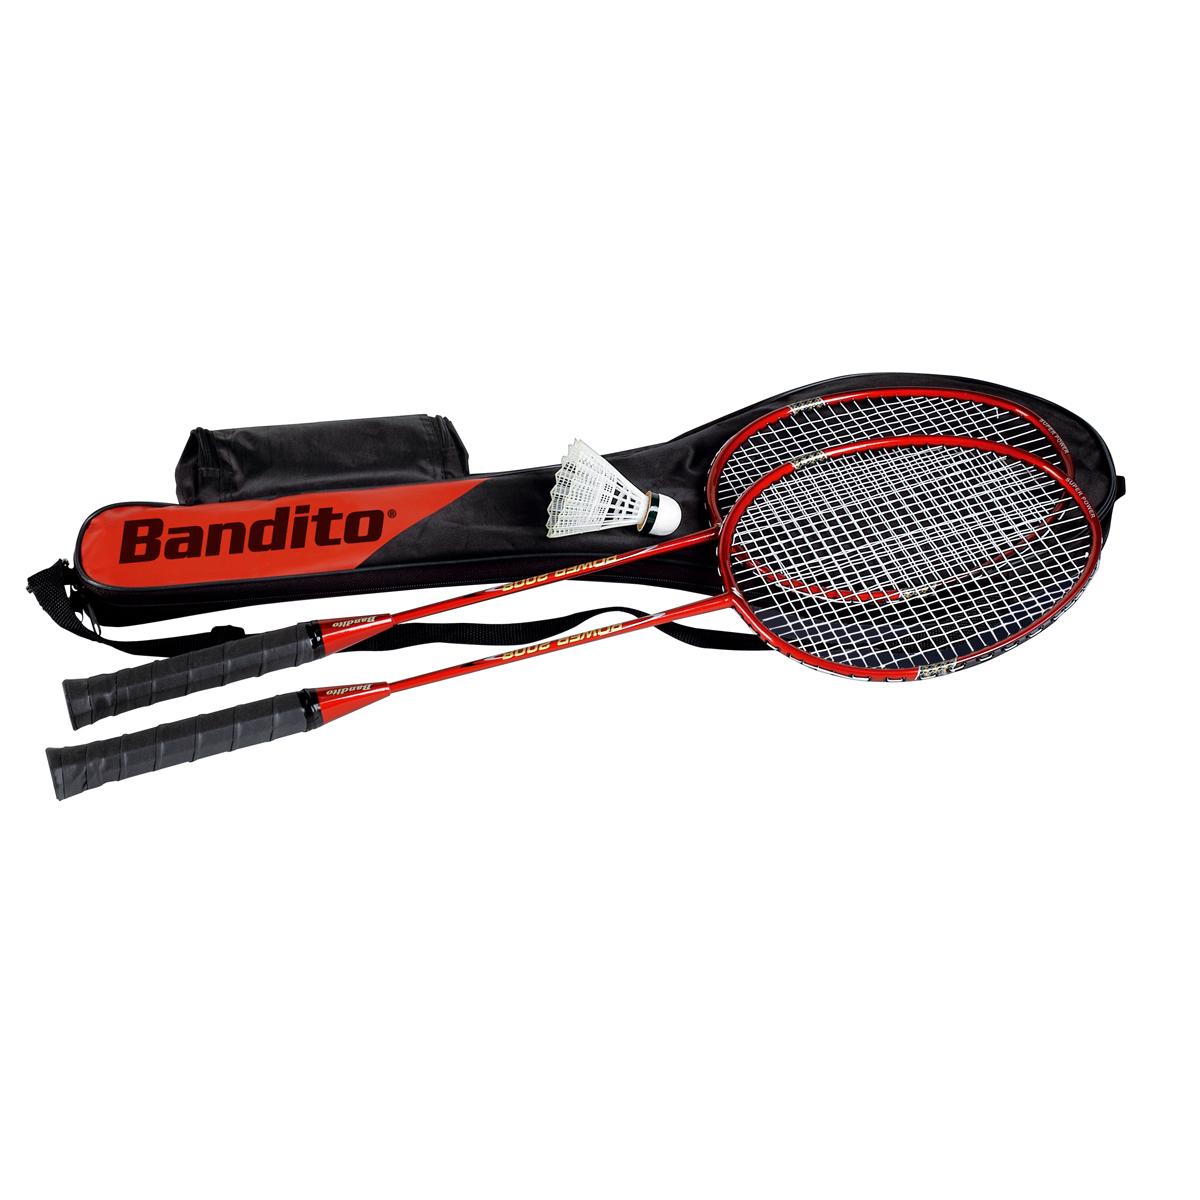 Bandito Speed Badminton Set Schläger Set mit Tasche